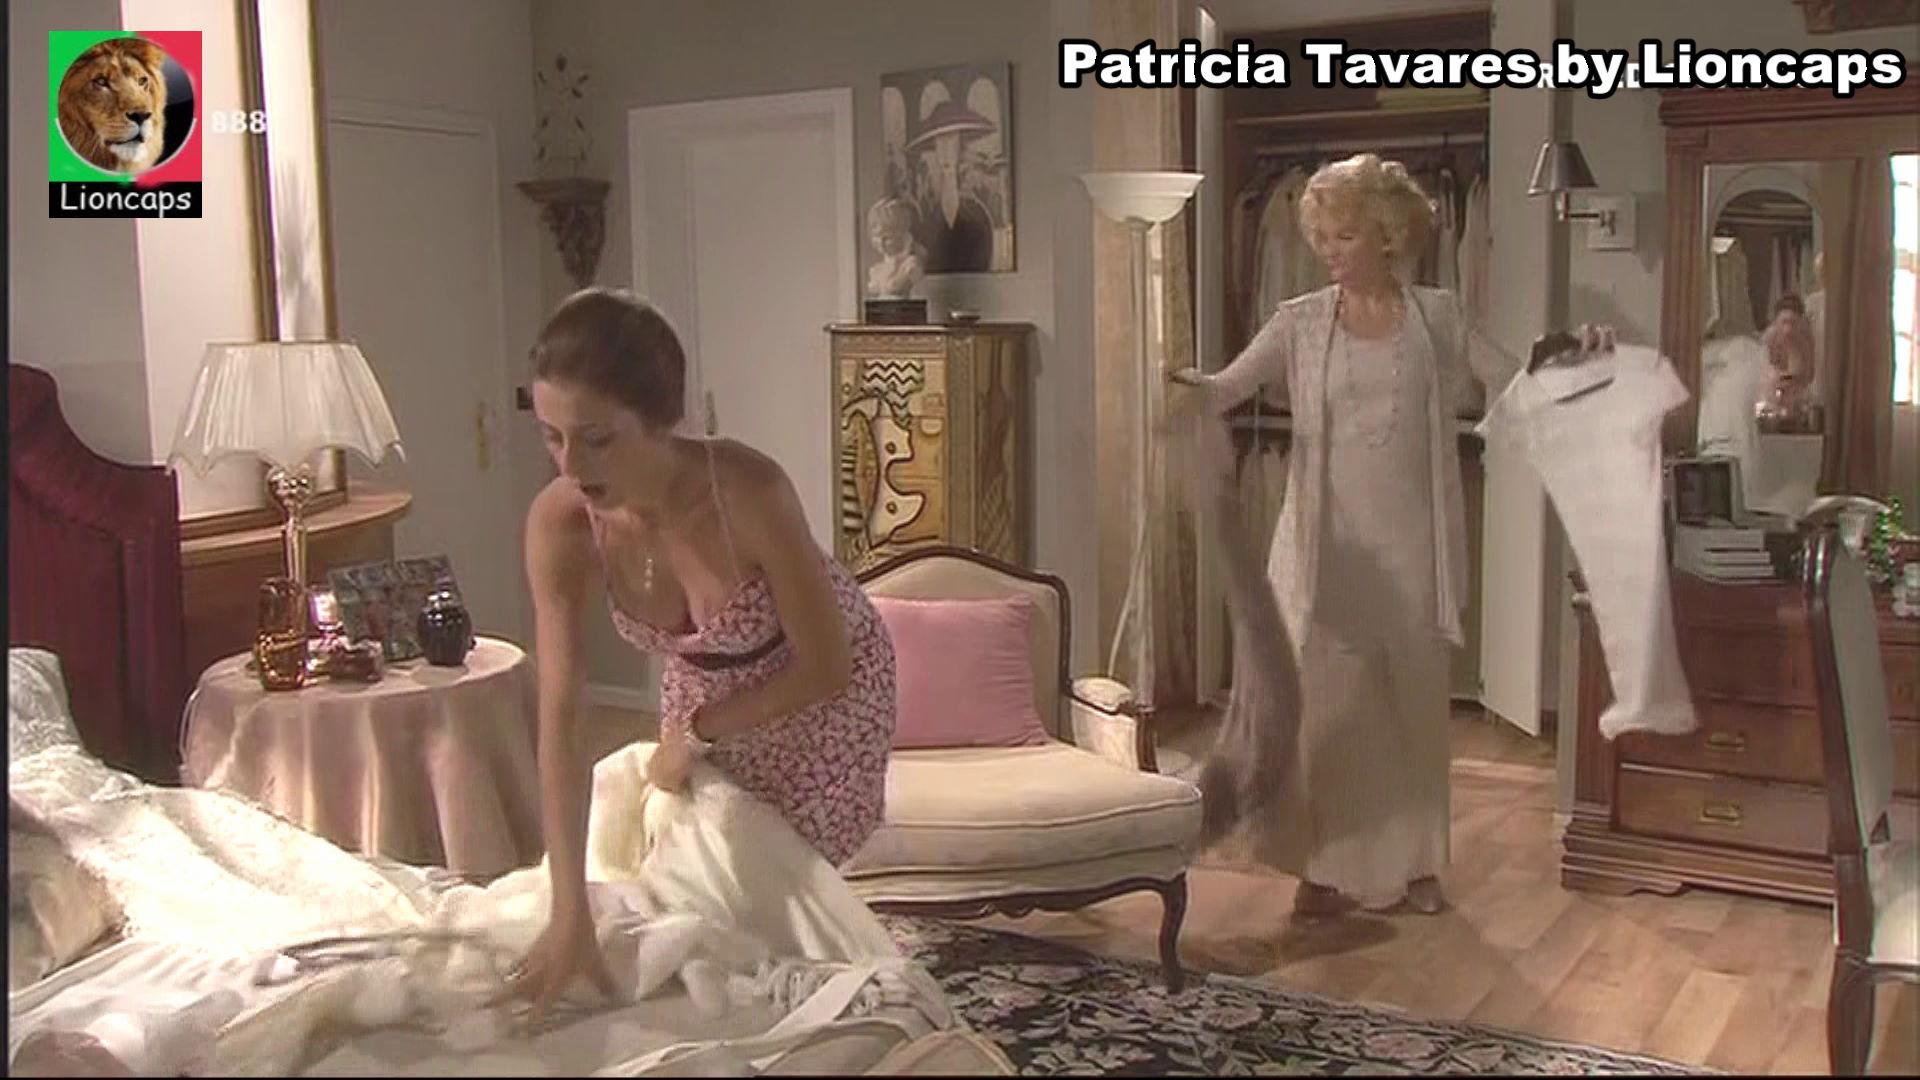 402661811_patricia_tavares_vs190113_2569_122_590lo.JPG